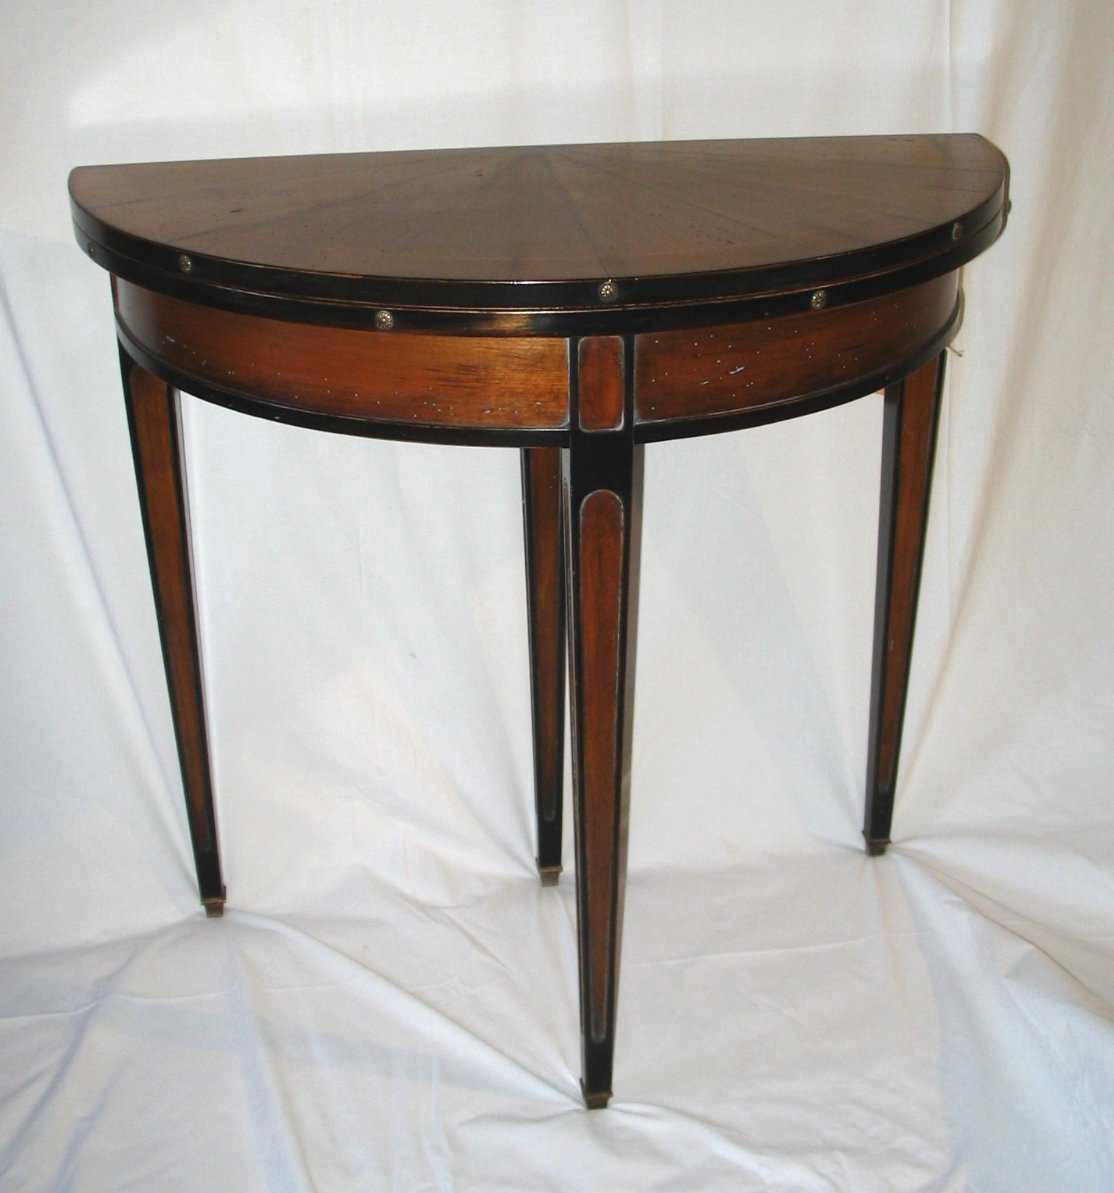 Table De Balcon Rabattable Carrefour Inspirant Stock Table De Massage Pliante Carrefour Unique Table Pliable Pas Cher